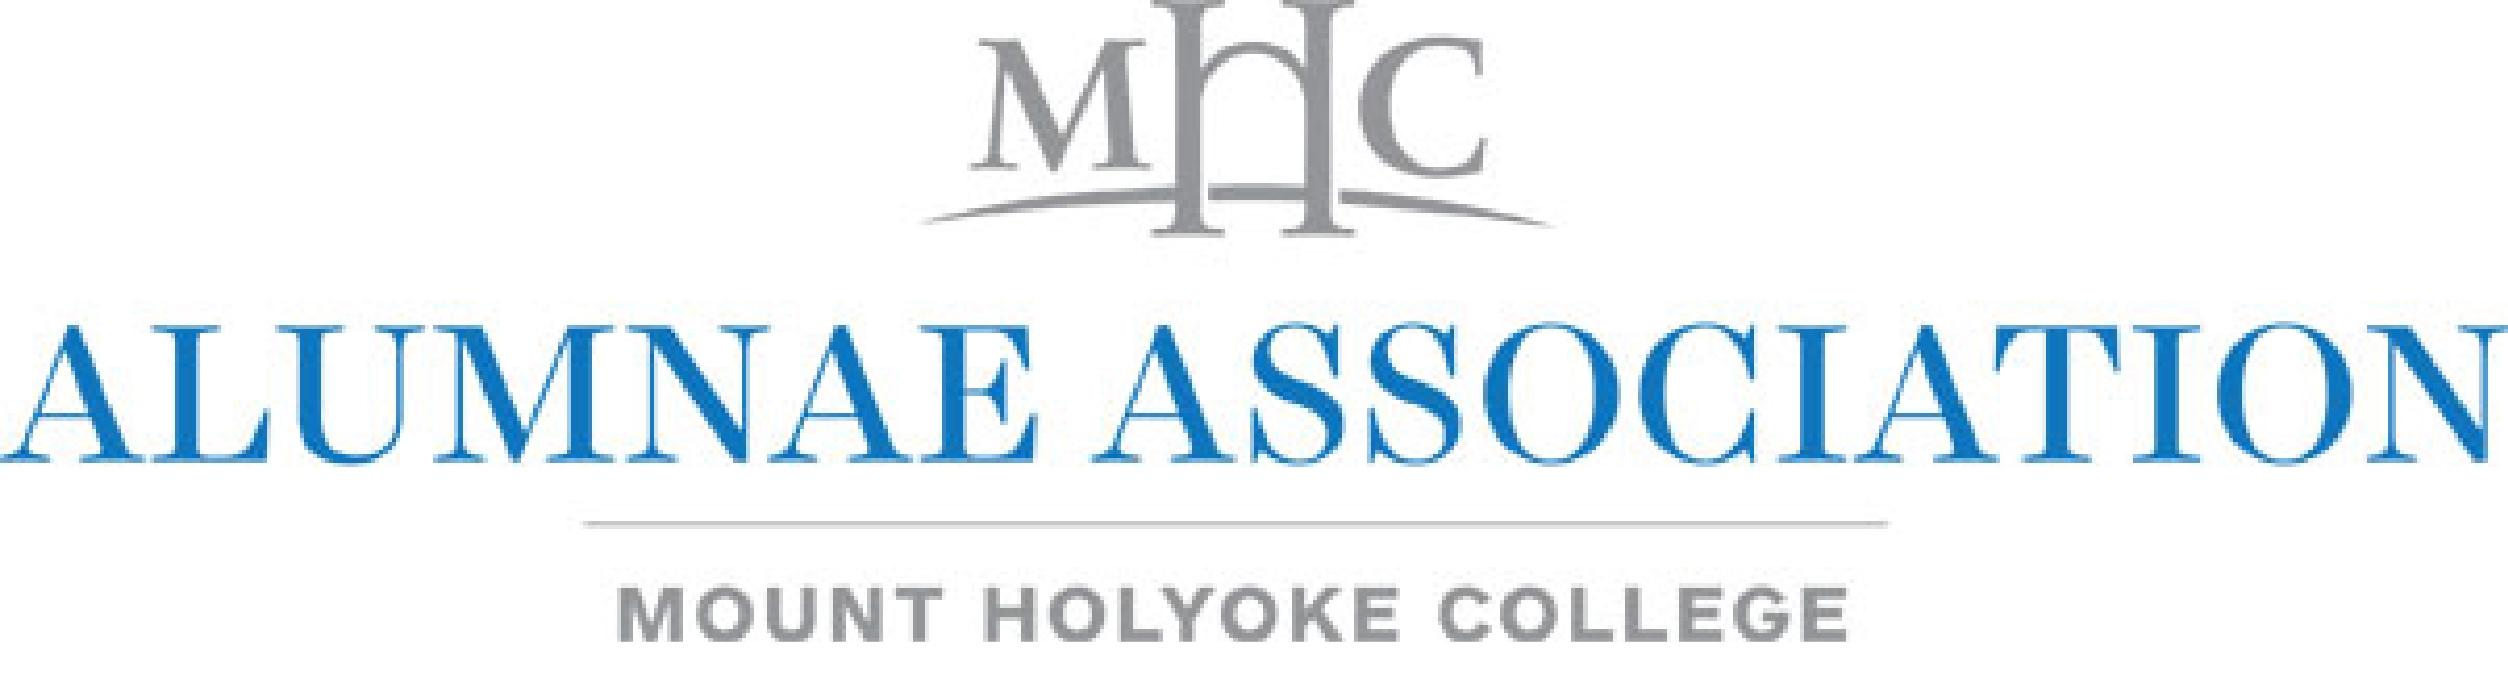 Mount Holyoke Alumnae